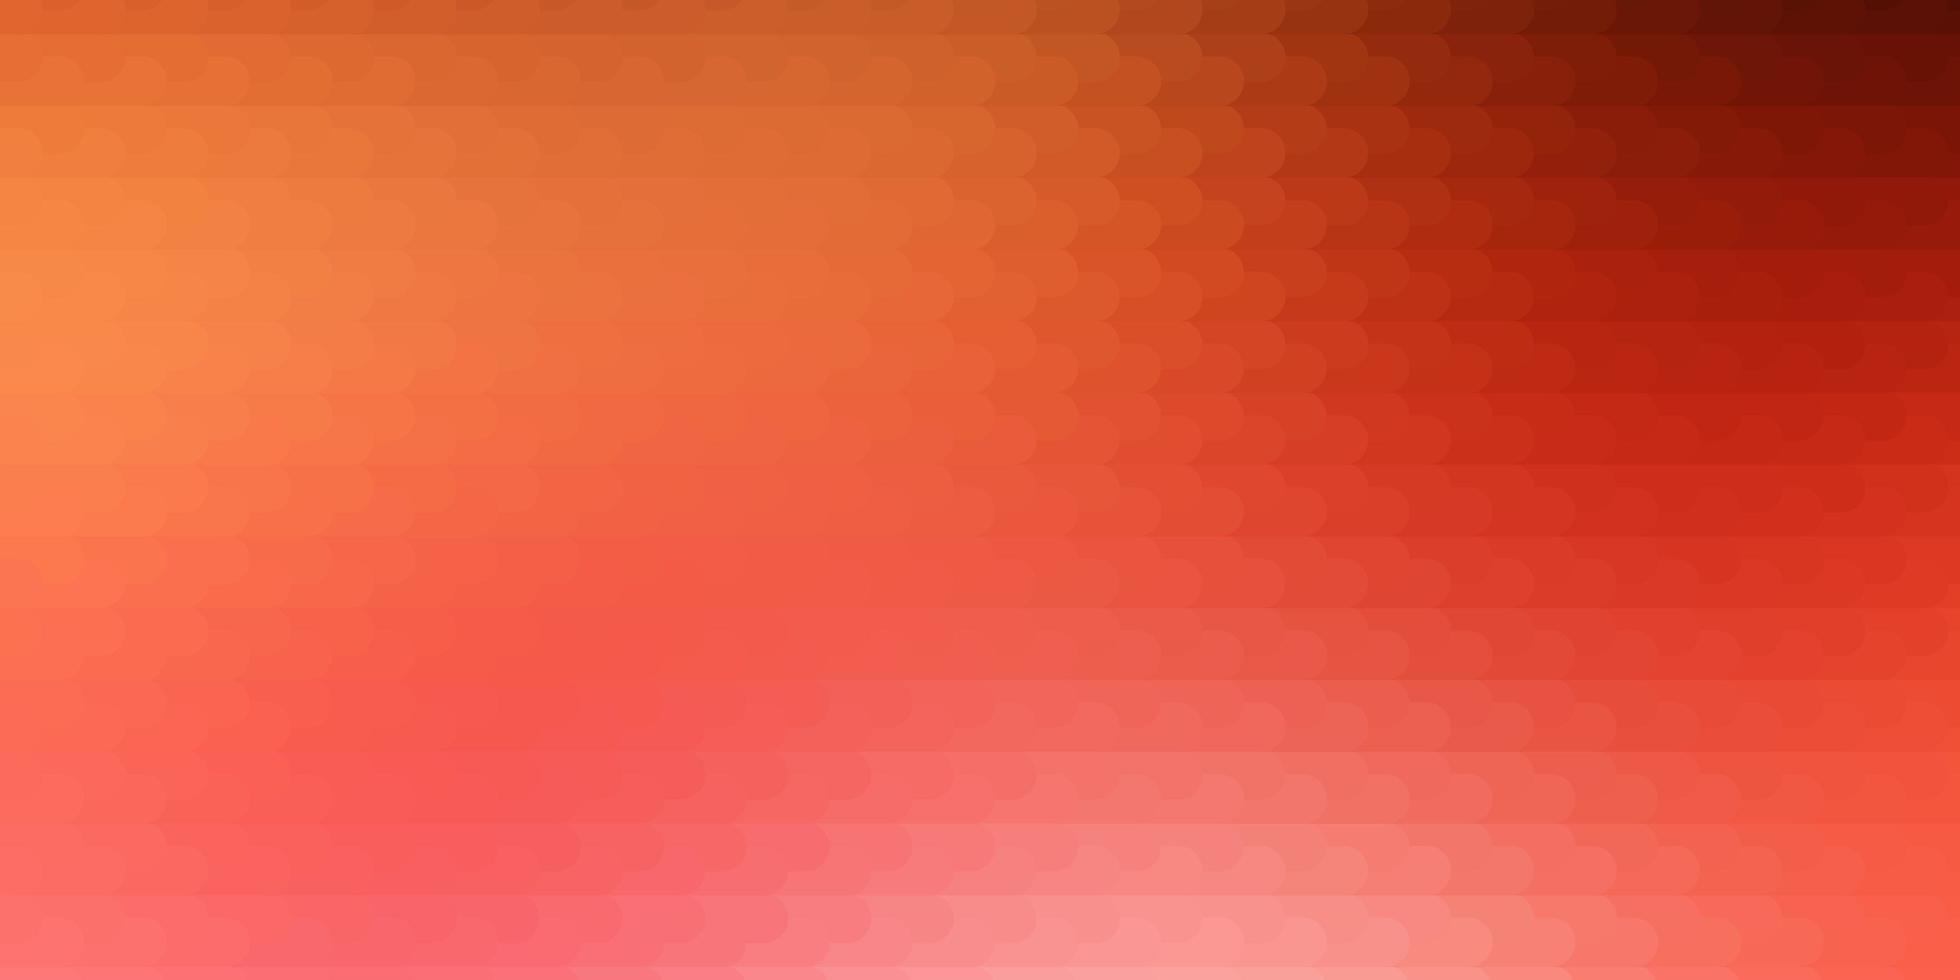 fundo vector vermelho e amarelo claro com linhas.